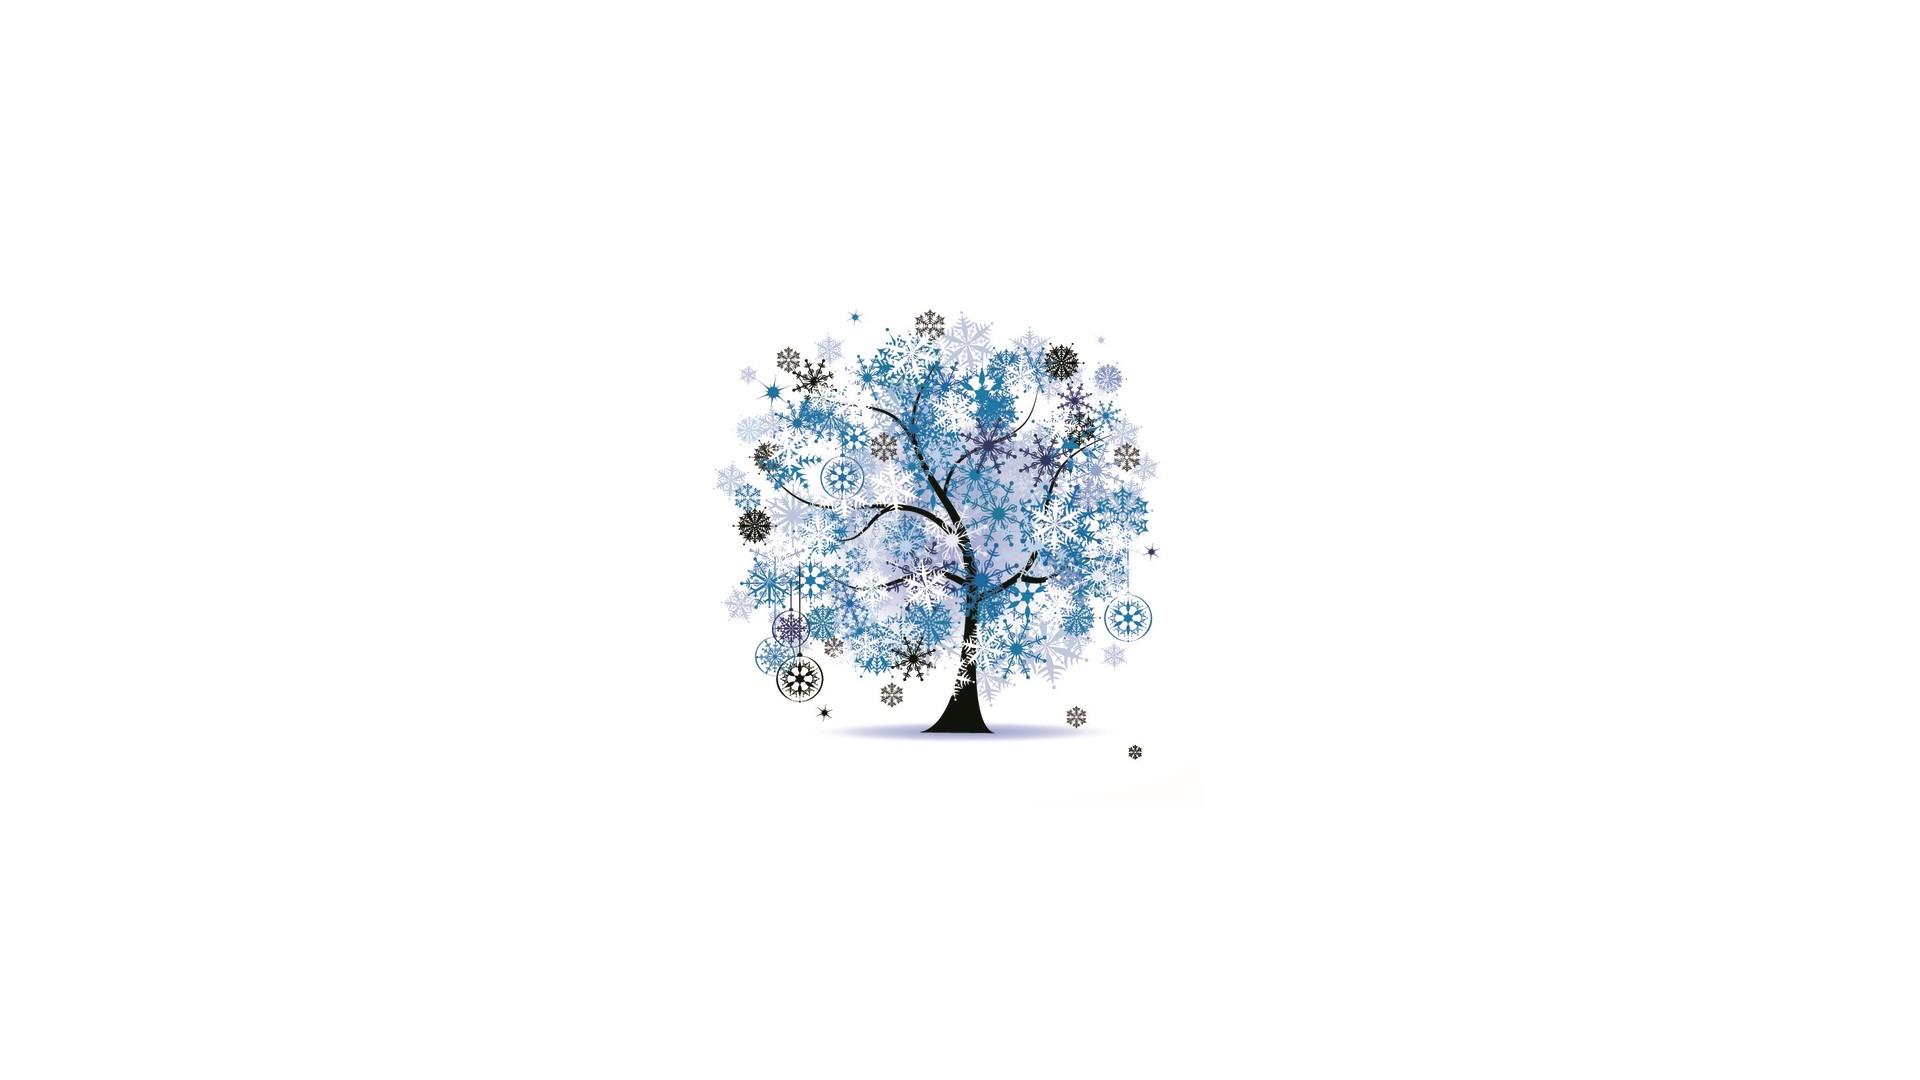 Tree Minimalist Full HD Wallpaper